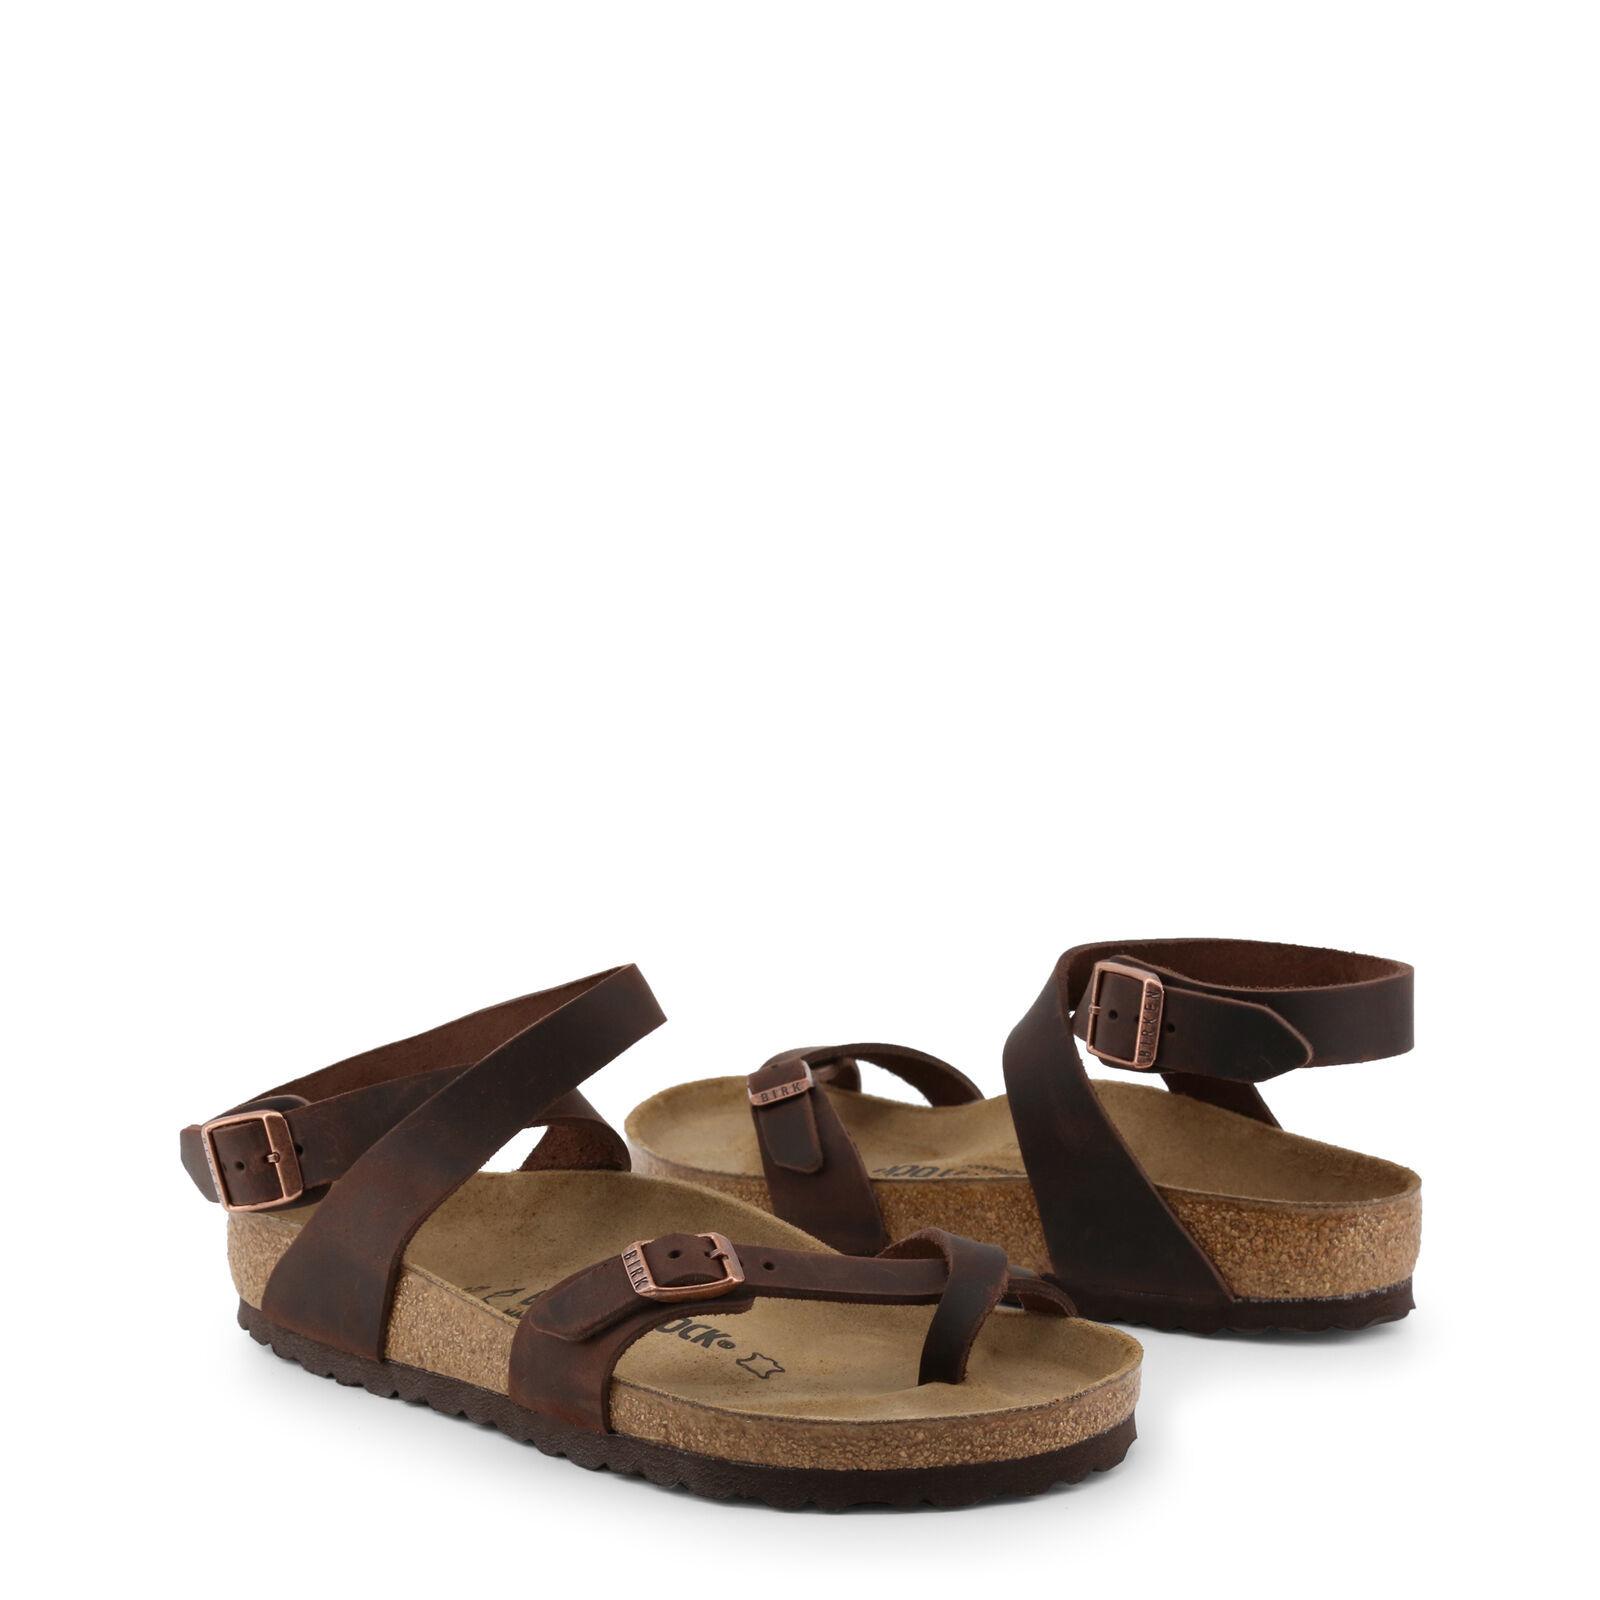 BIRKENSTOCK — The Stunning Look, birkenstock gizeh sandals